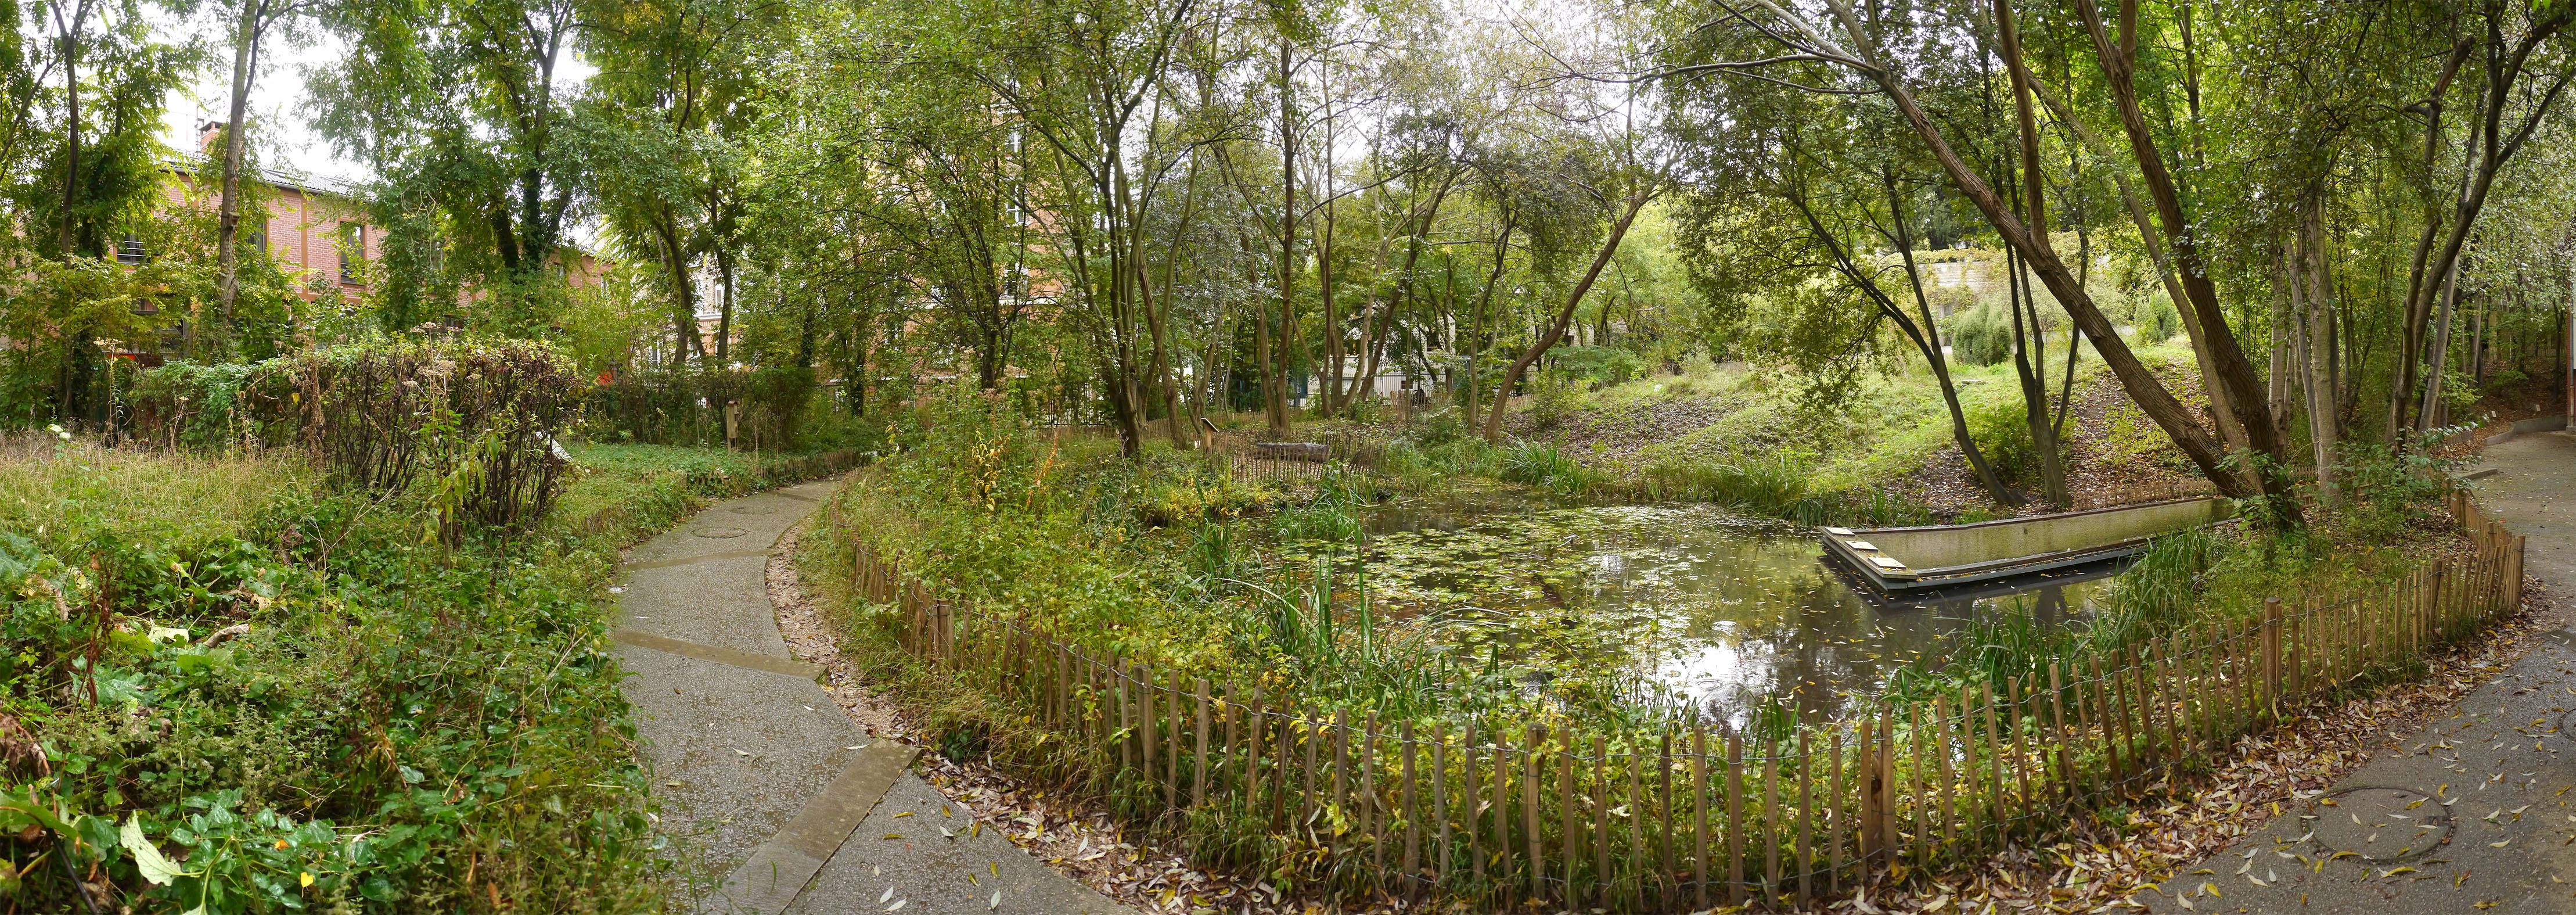 Le Jardin Naturel Pierre Emmanuel Un Espace Ecologique Cree Dans